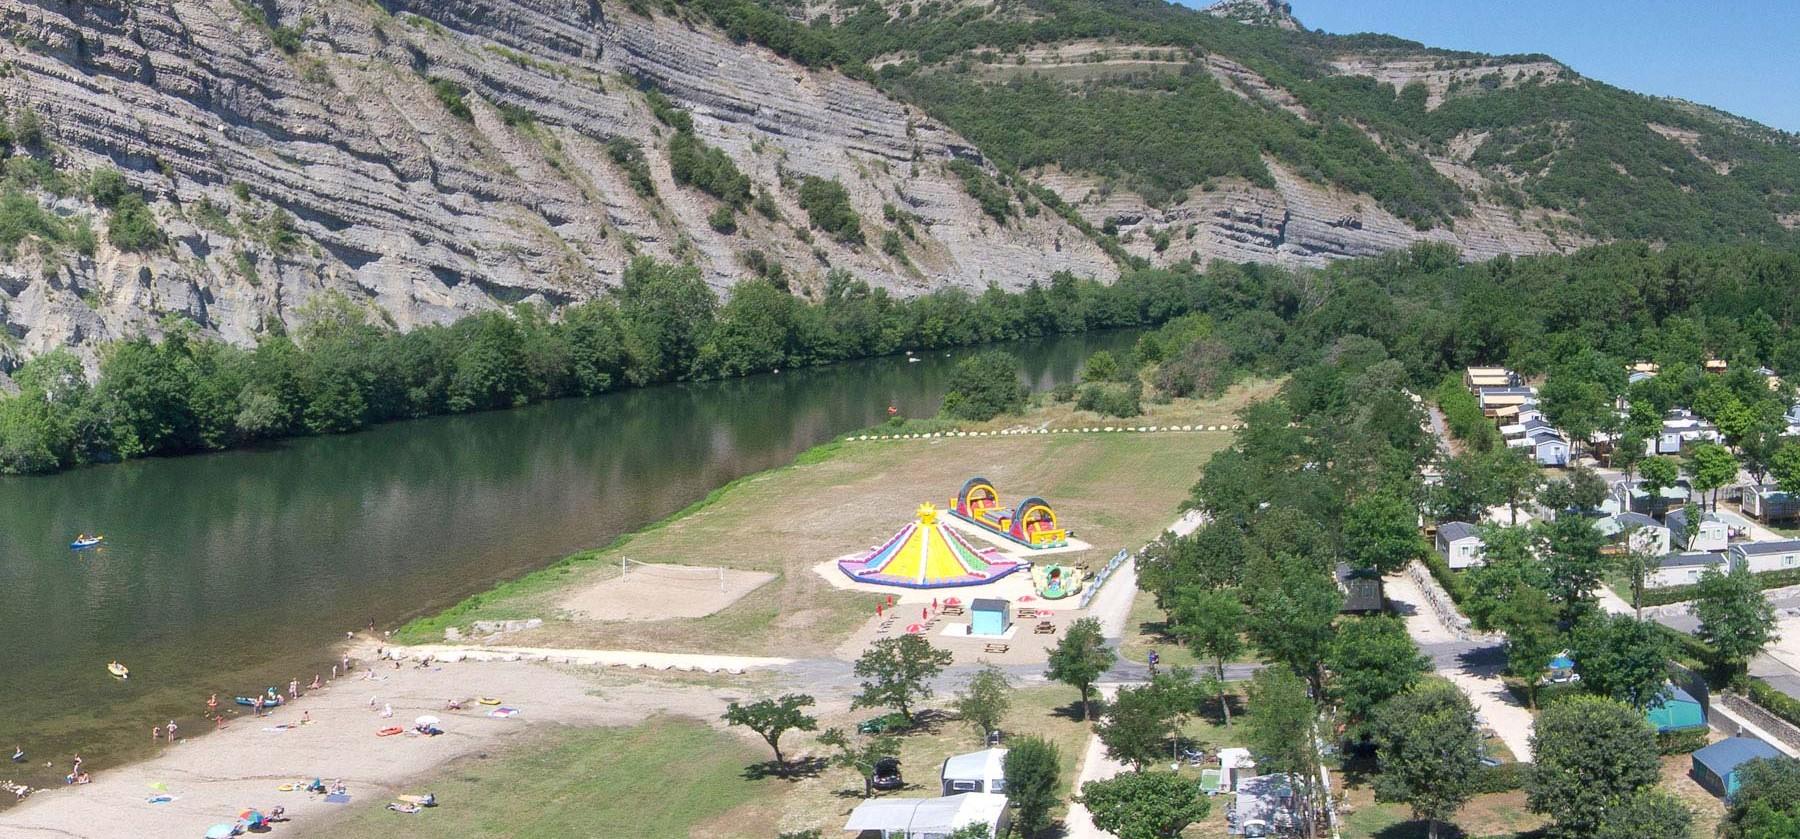 Camping la plage fleurie vallon pont d 39 arc s jour pas cher - Camping vallon pont d arc piscine ...